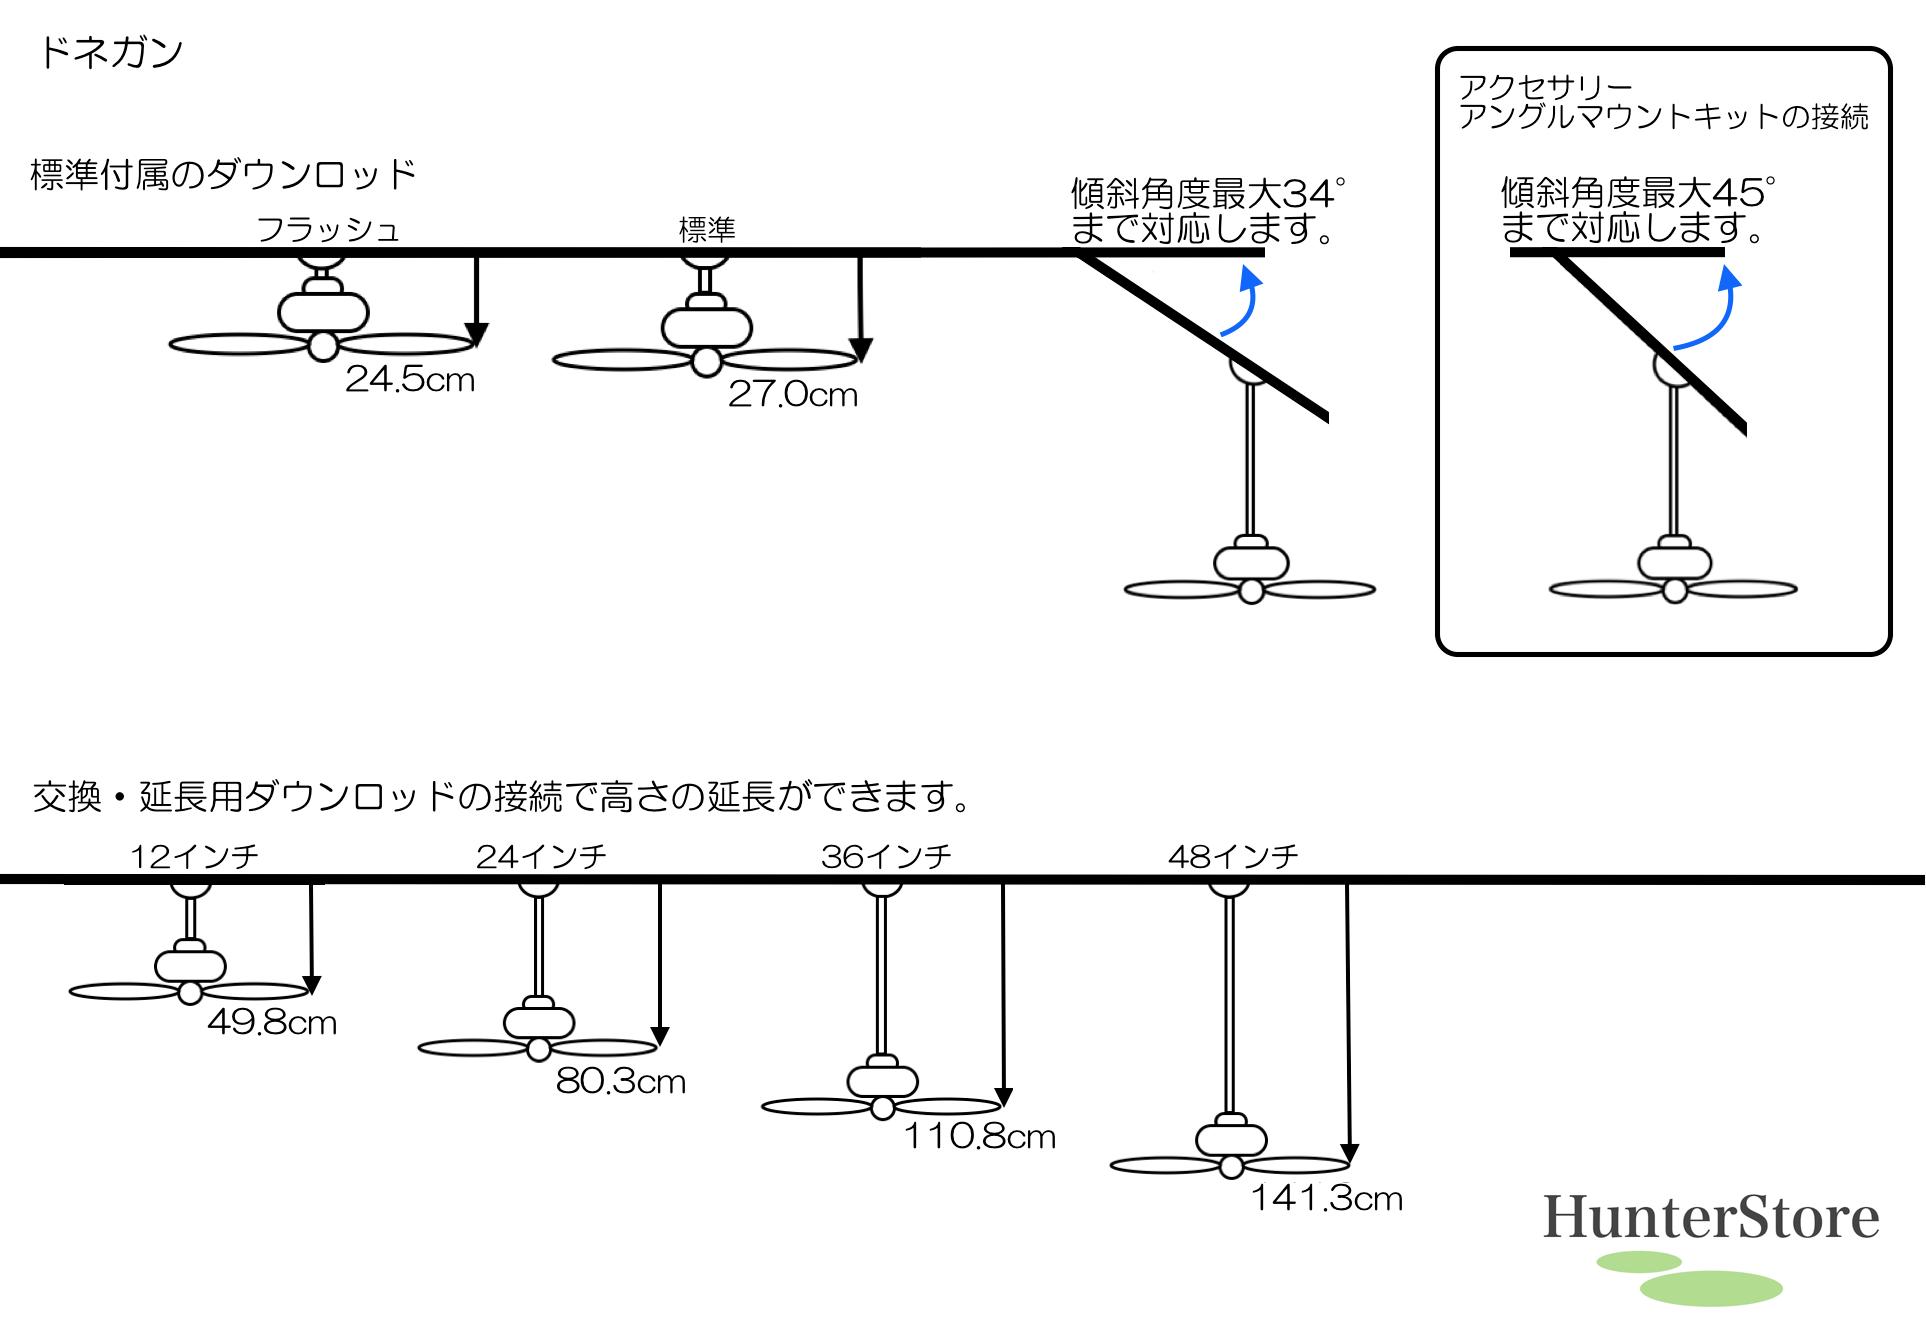 ドネガン 照明キット付【ファン本体のみ】 - 画像2